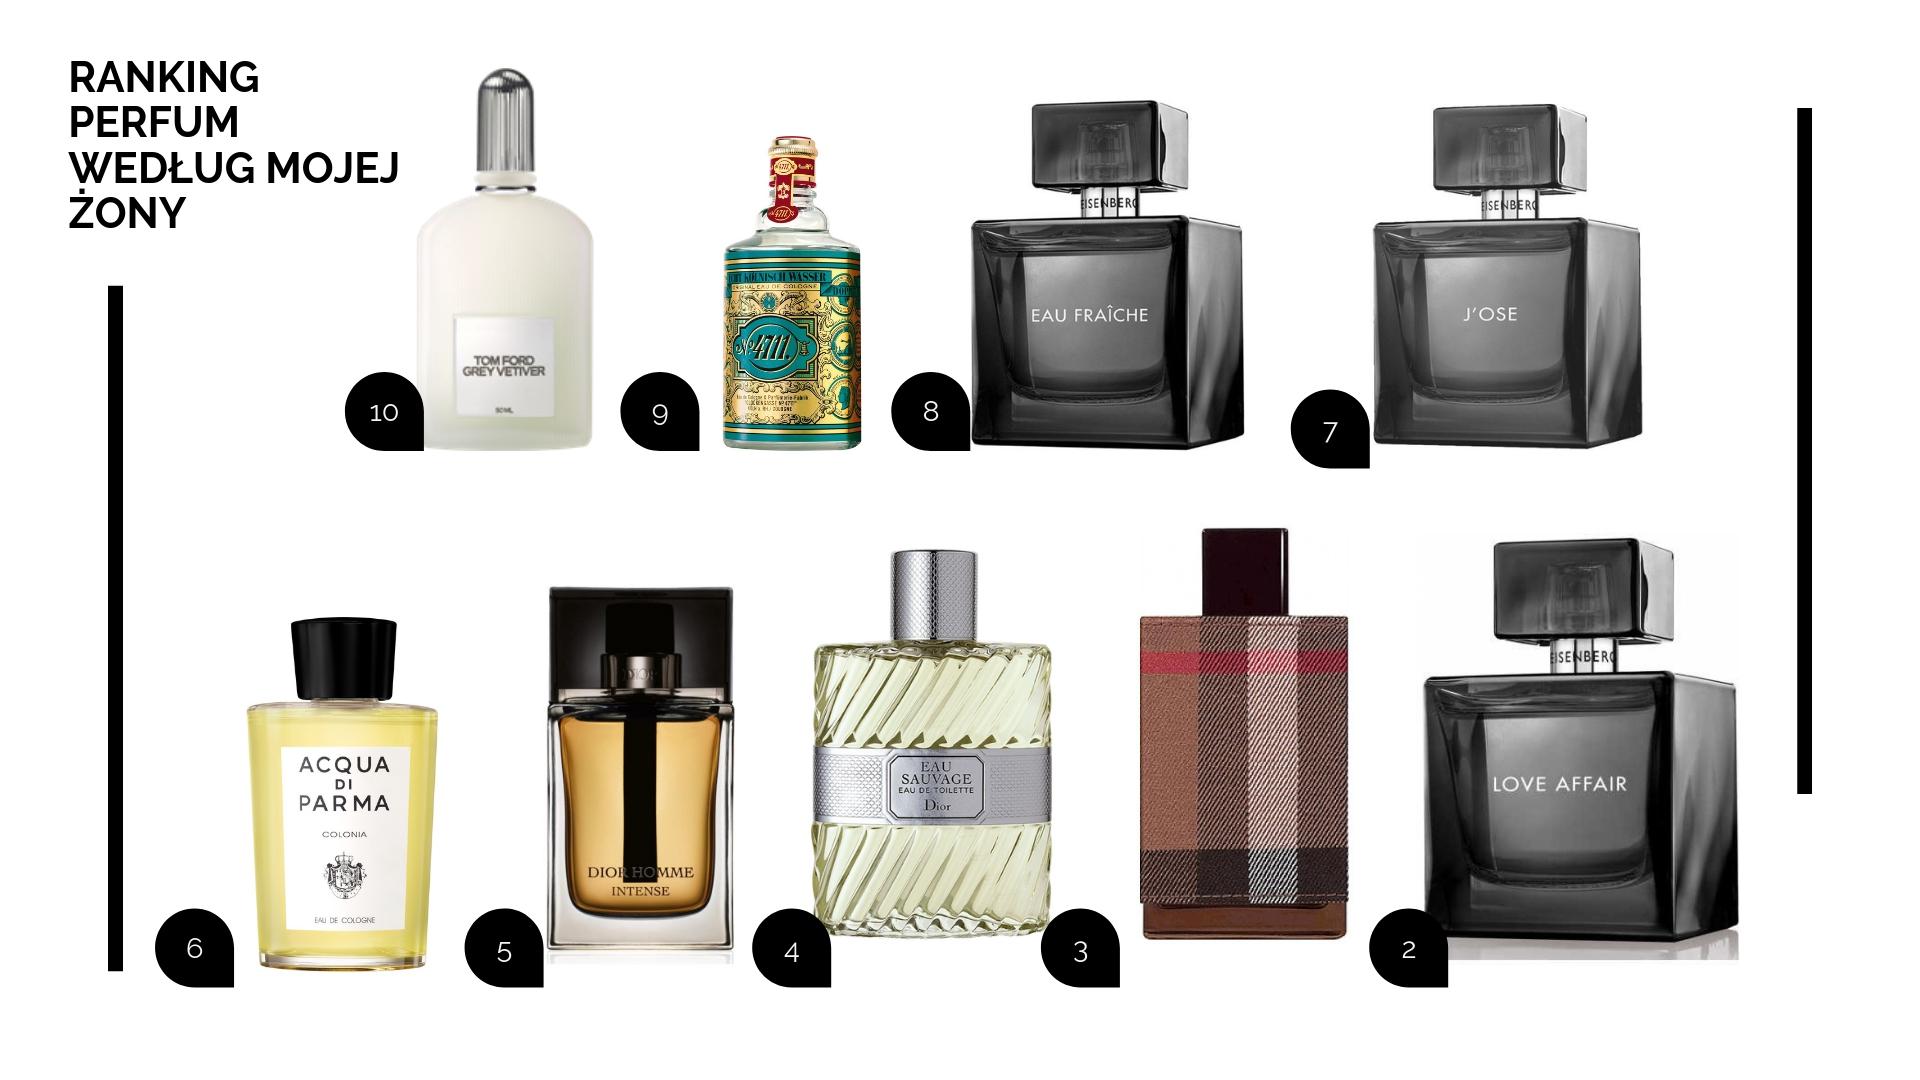 najlepsze_perfumy_wedlug_mojej_zony_ranking